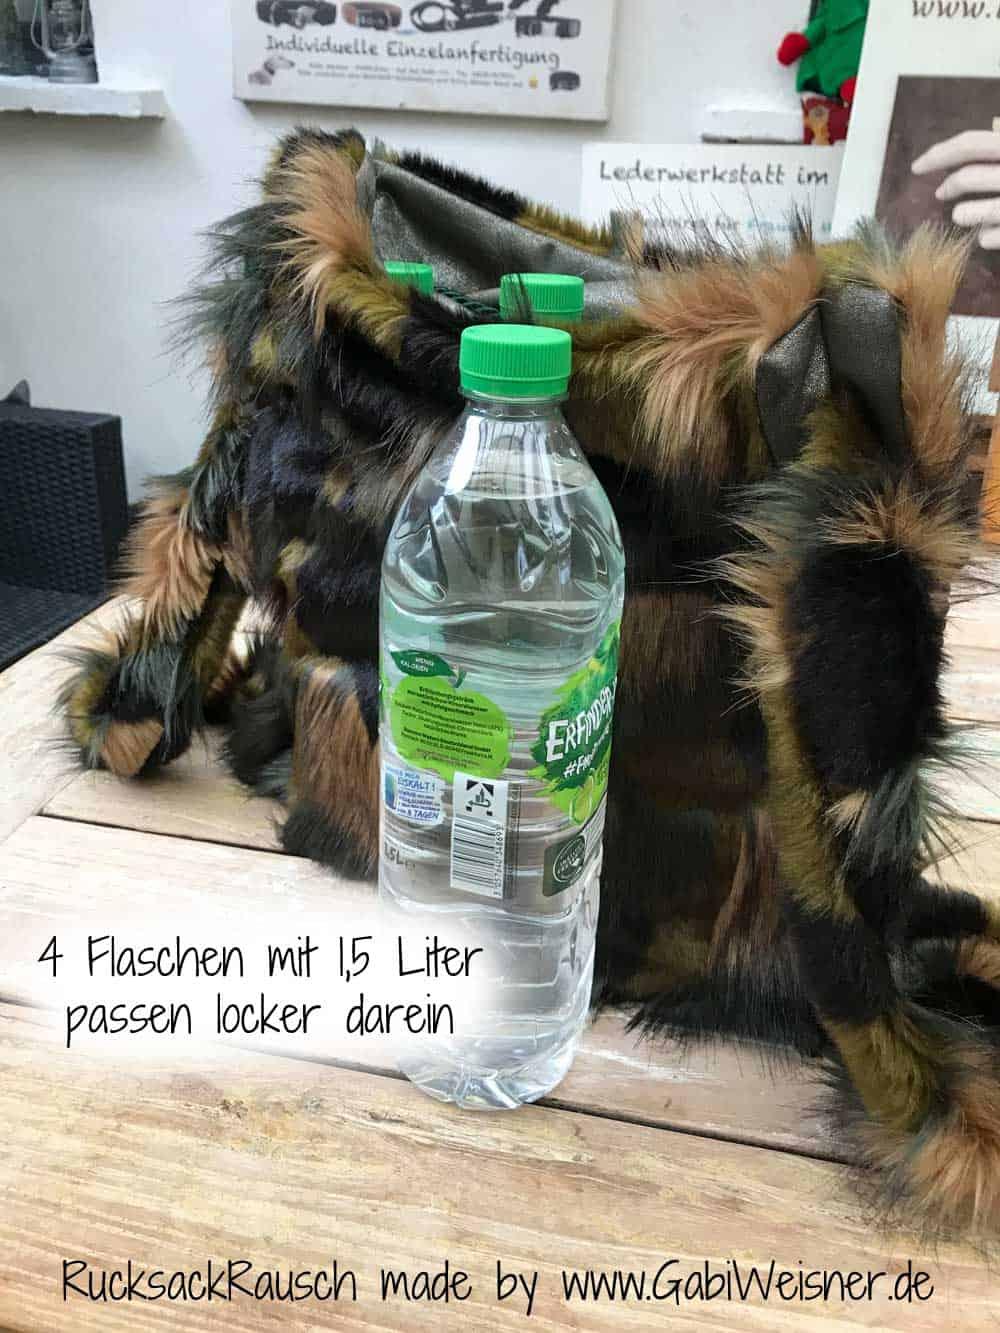 4 große 1,5 Liter Flaschen passen locker darein.